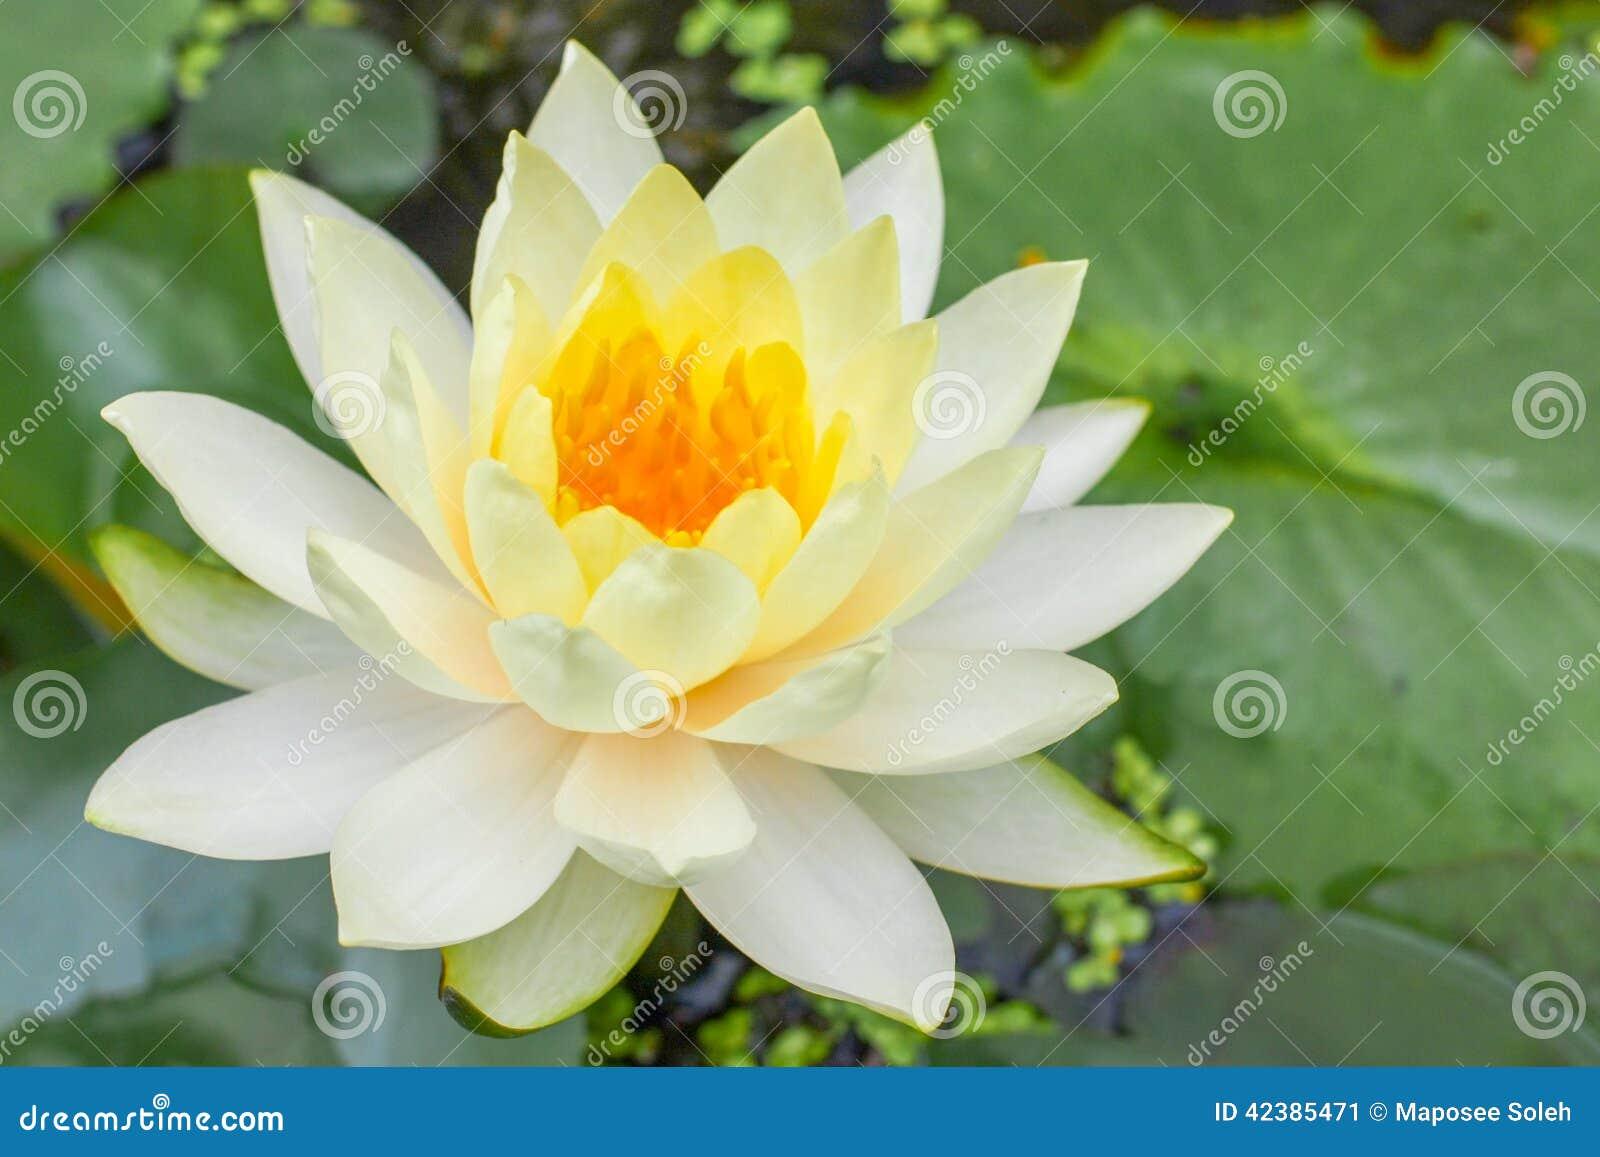 White lotus thai flower stock image image of blooming 42385471 white lotus thai flower izmirmasajfo Choice Image